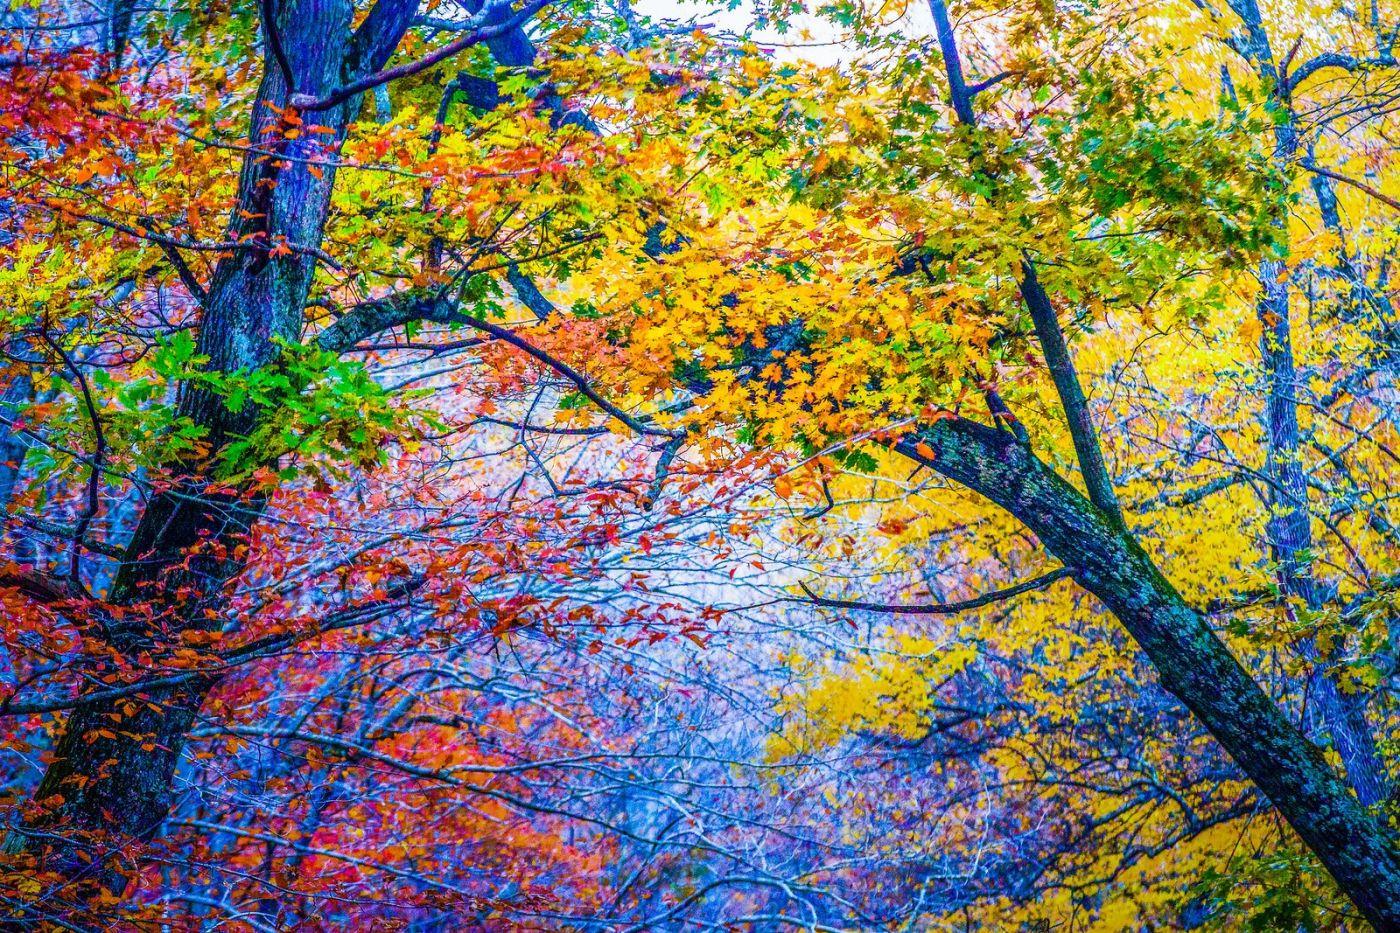 宾州雷德利克里克公园(Ridley creek park),如梦的画面_图1-1